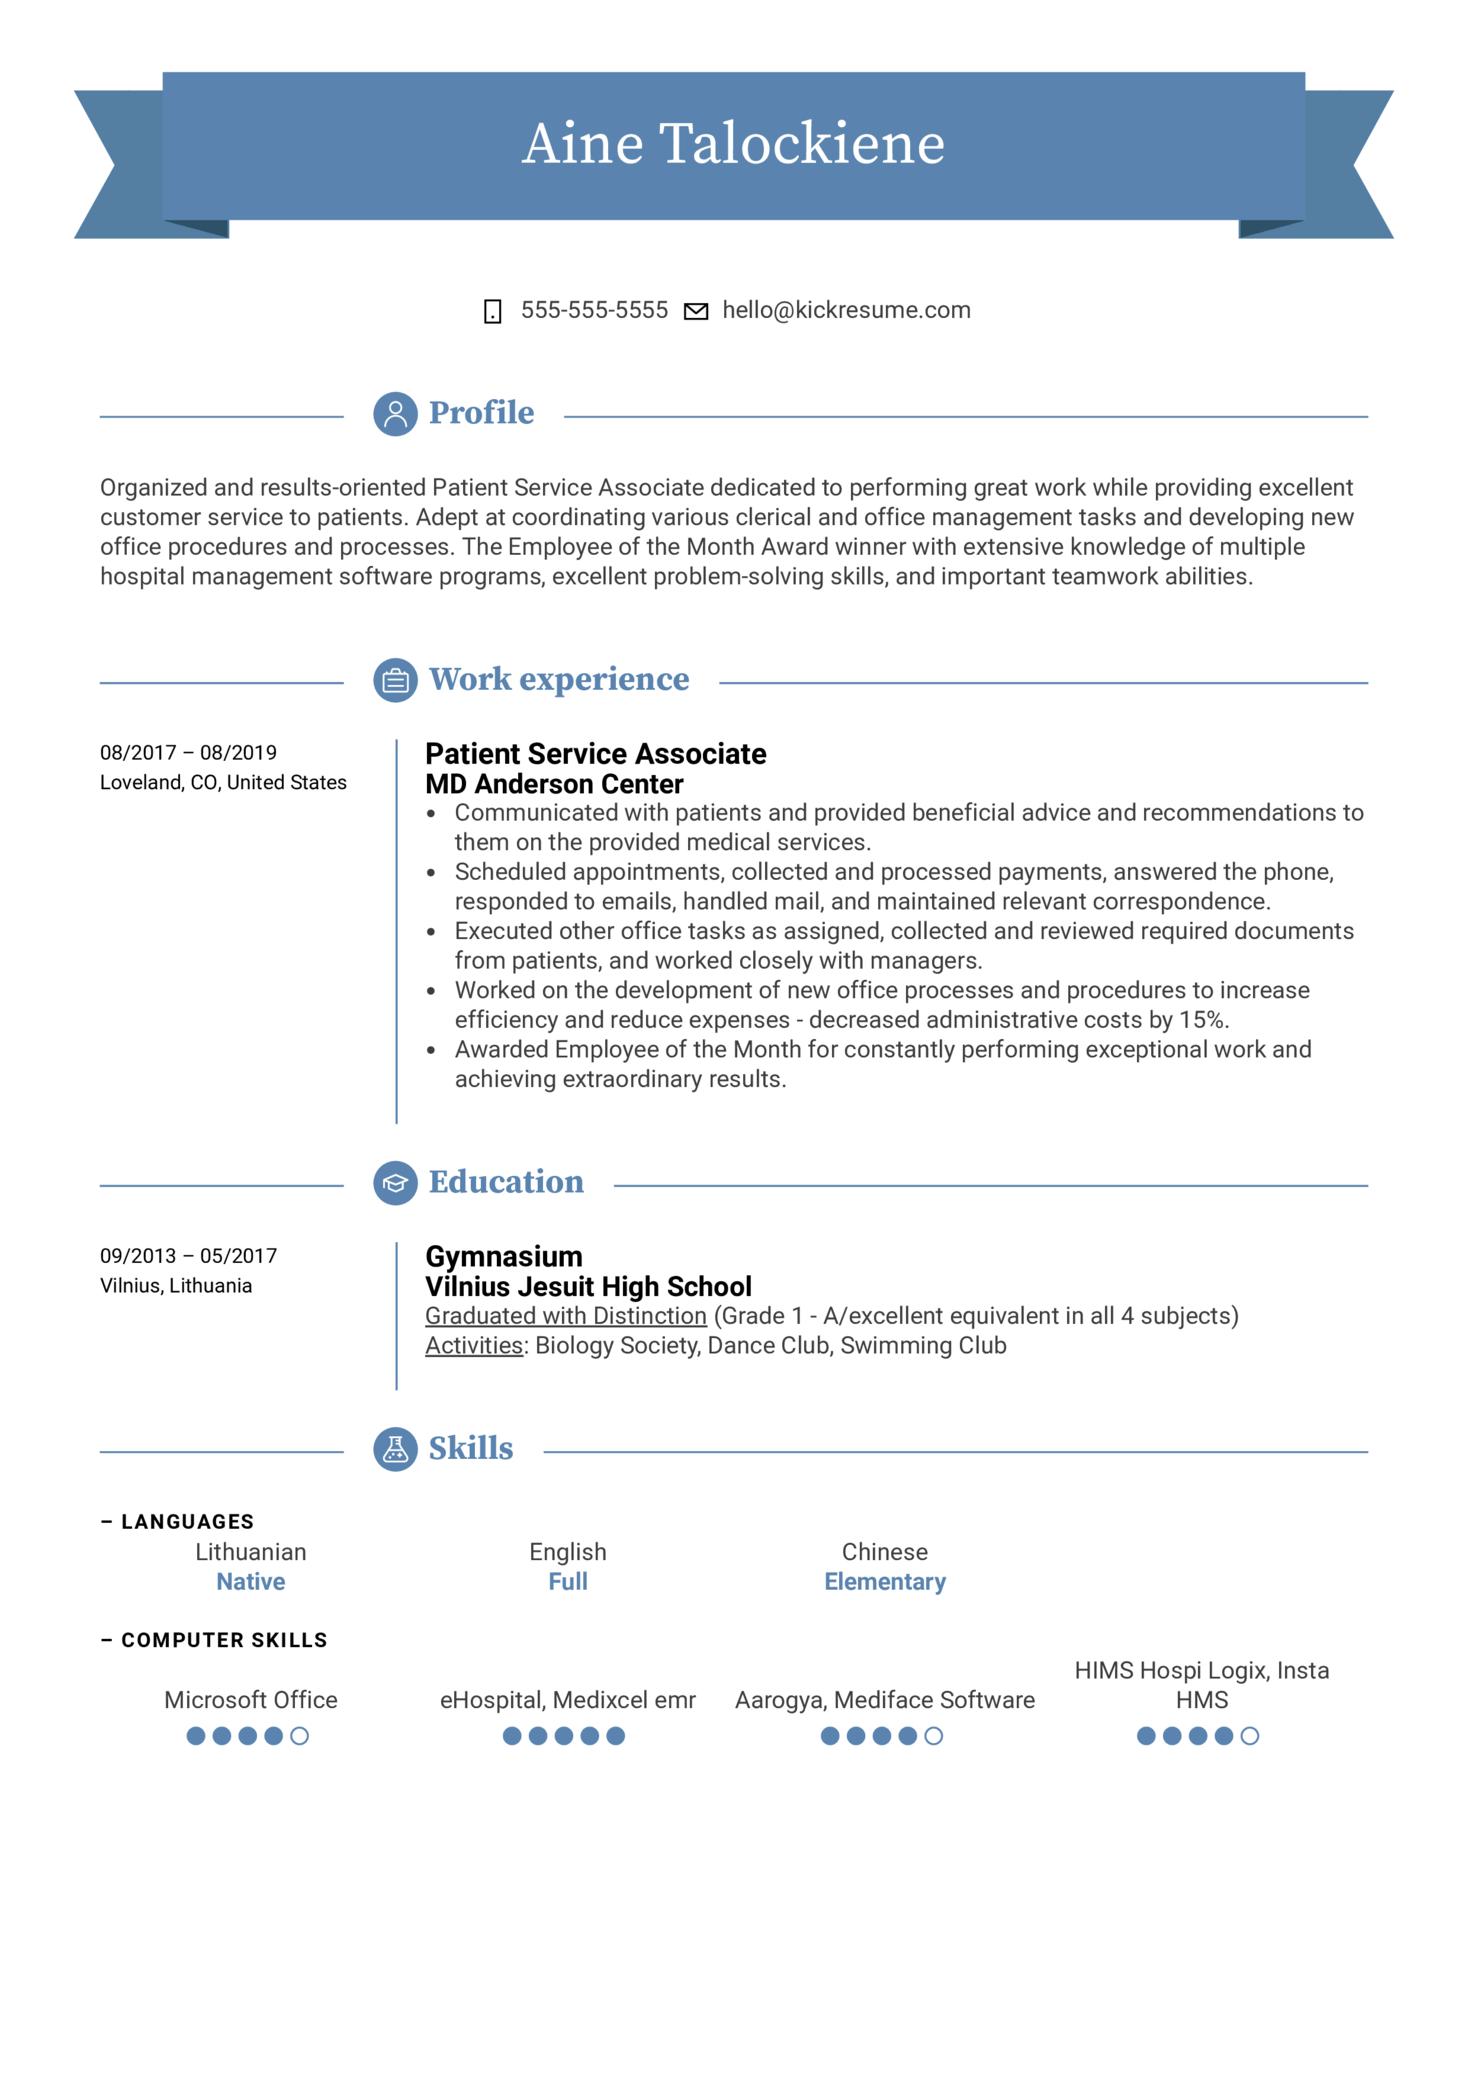 Patient Service Associate Resume Sample (Part 1)